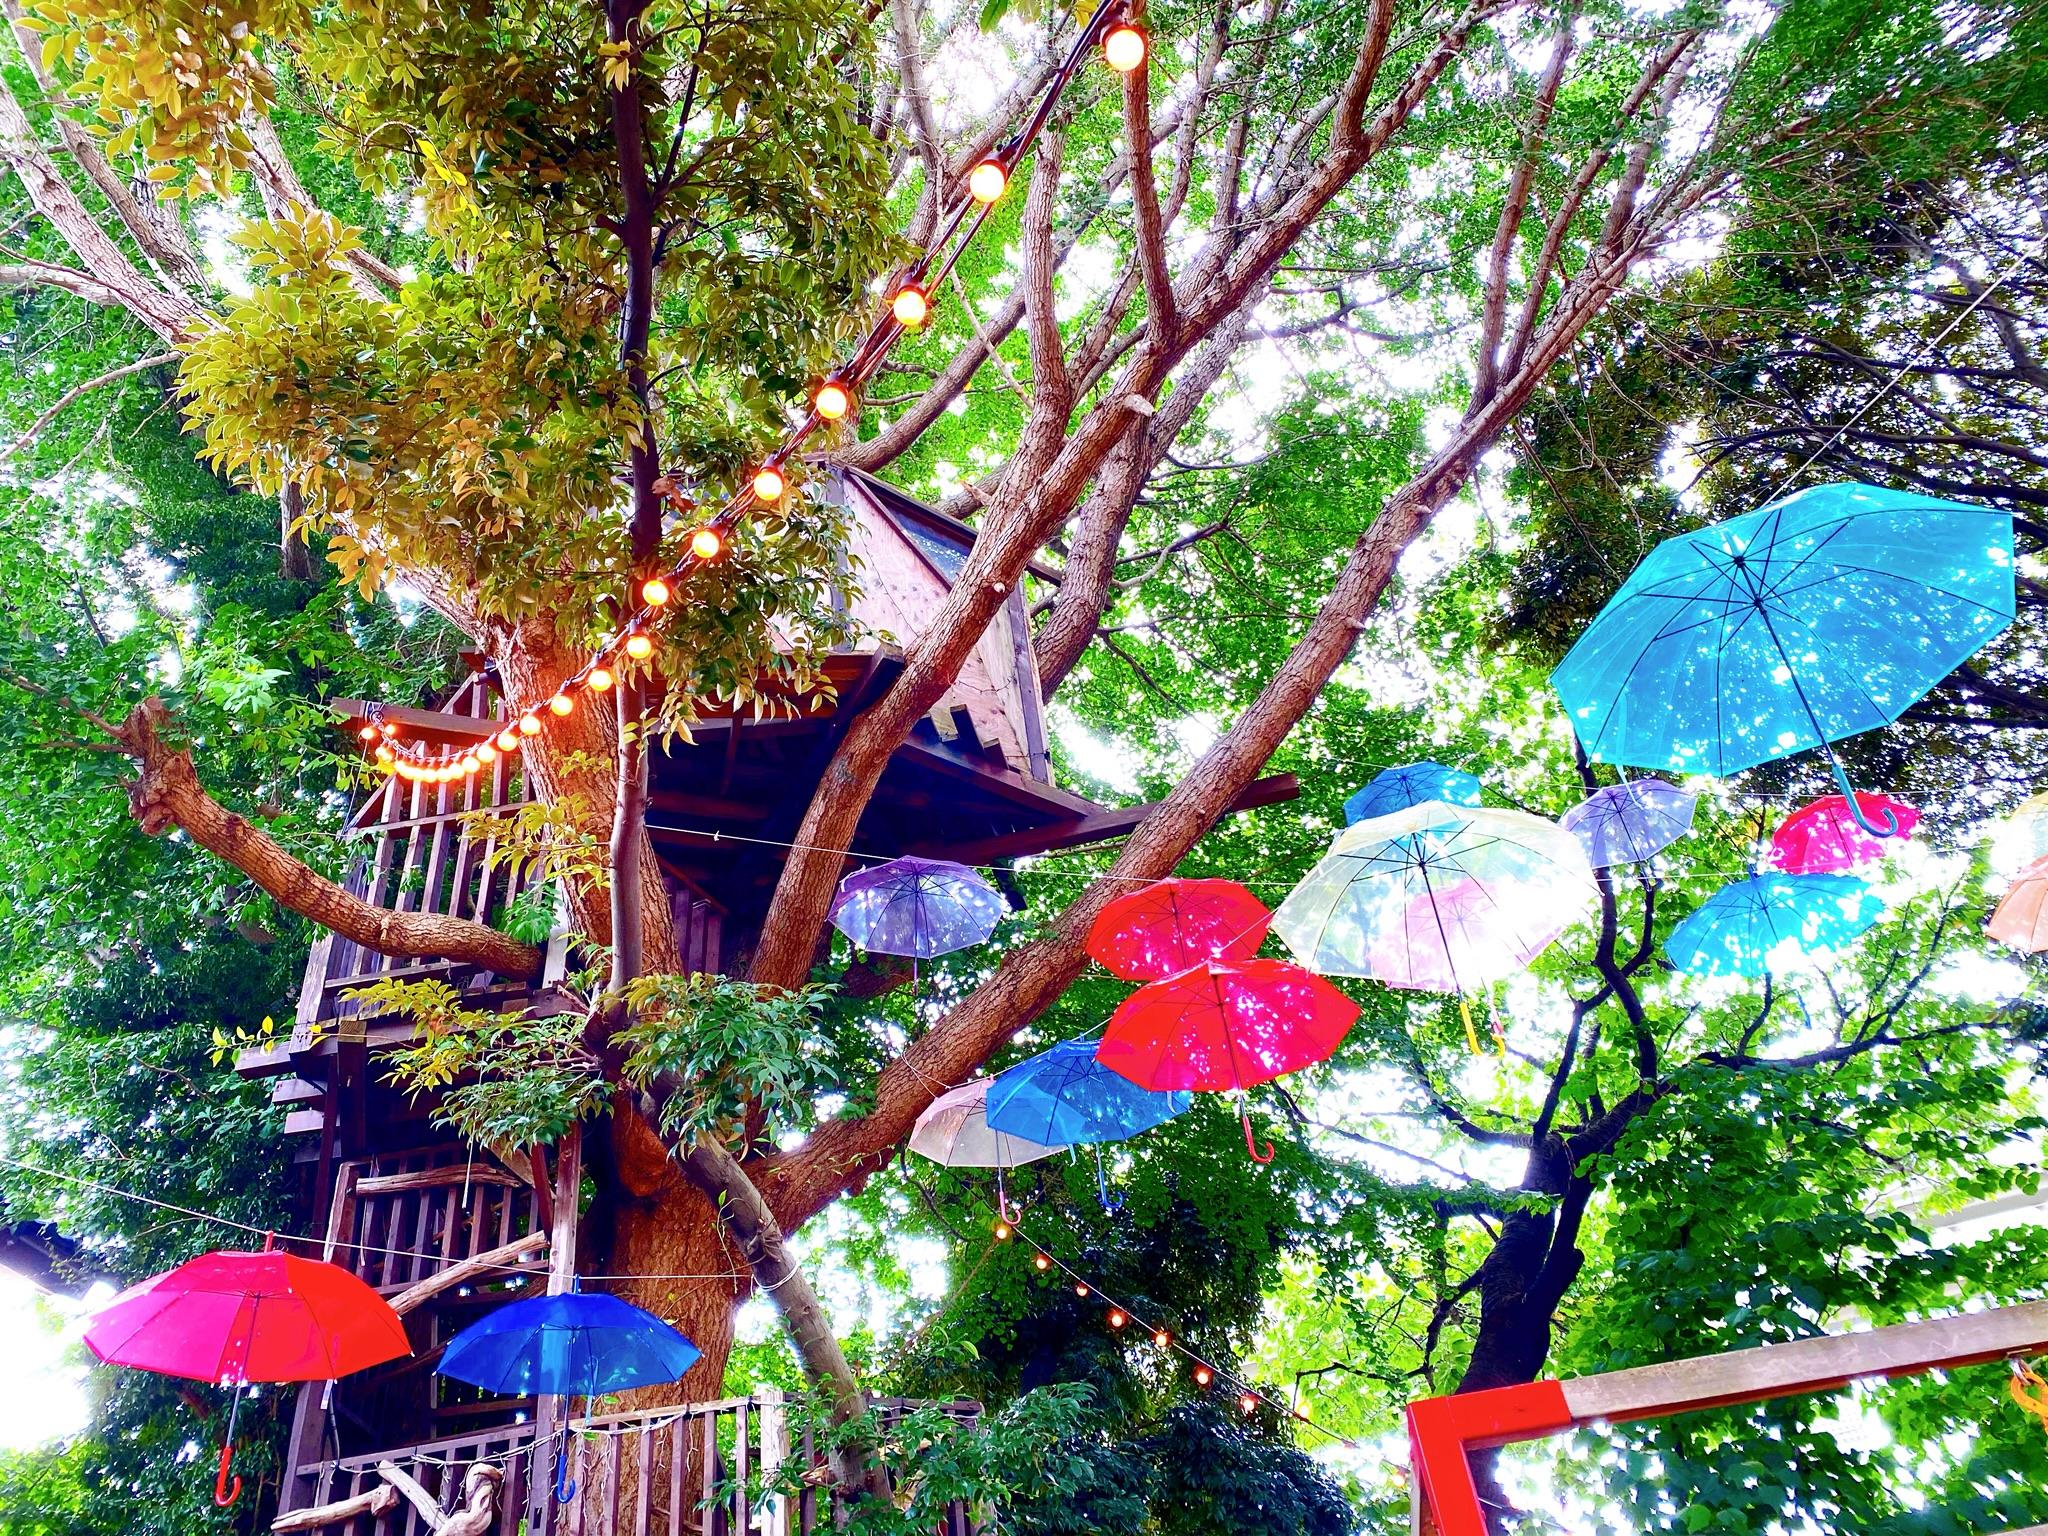 【階段を登ると異空間!】作り込まれた世界観 椿森コムナ_1